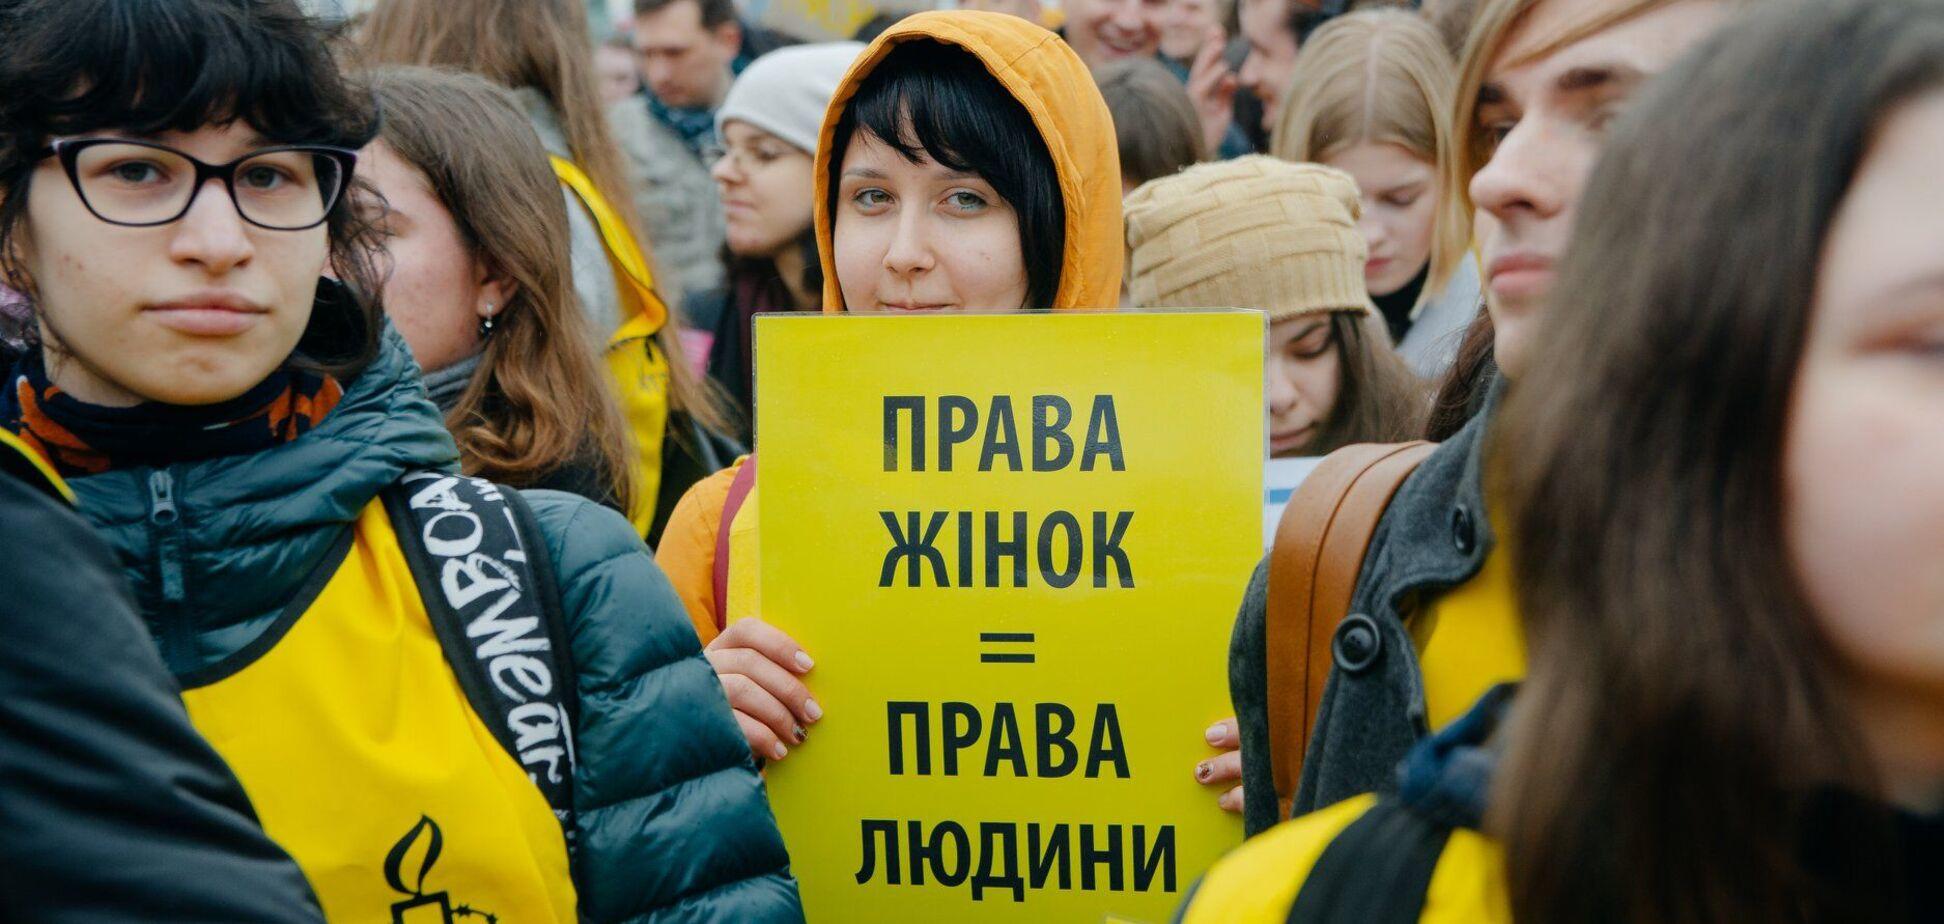 Защищают или имитируют защиту: кто на самом деле борется за права женщин?